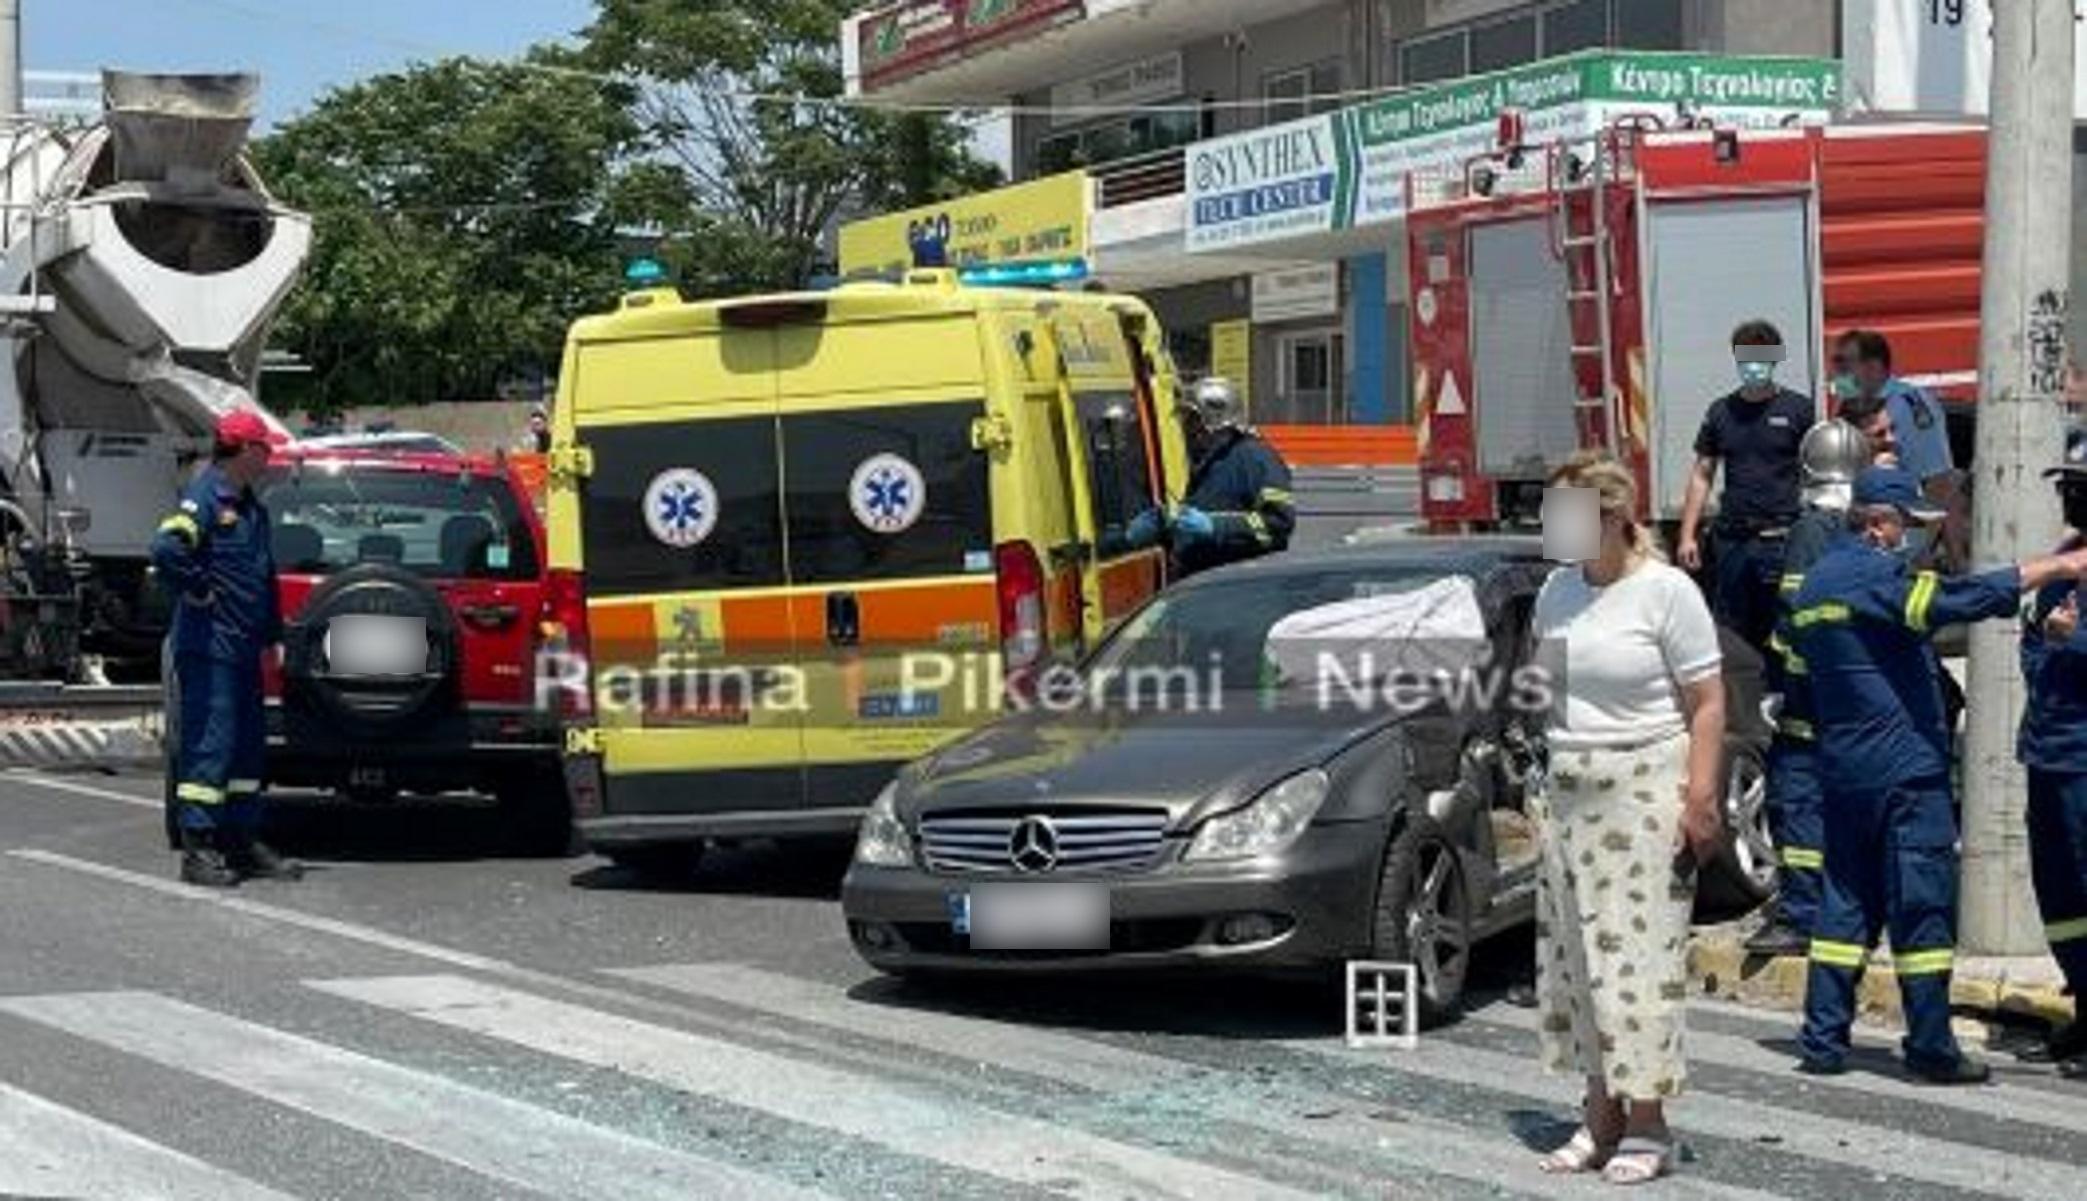 Πικέρμι: Αυτοκίνητο συγκρούστηκε με μπετονιέρα – Εγκλωβίστηκε οδηγός (vid)